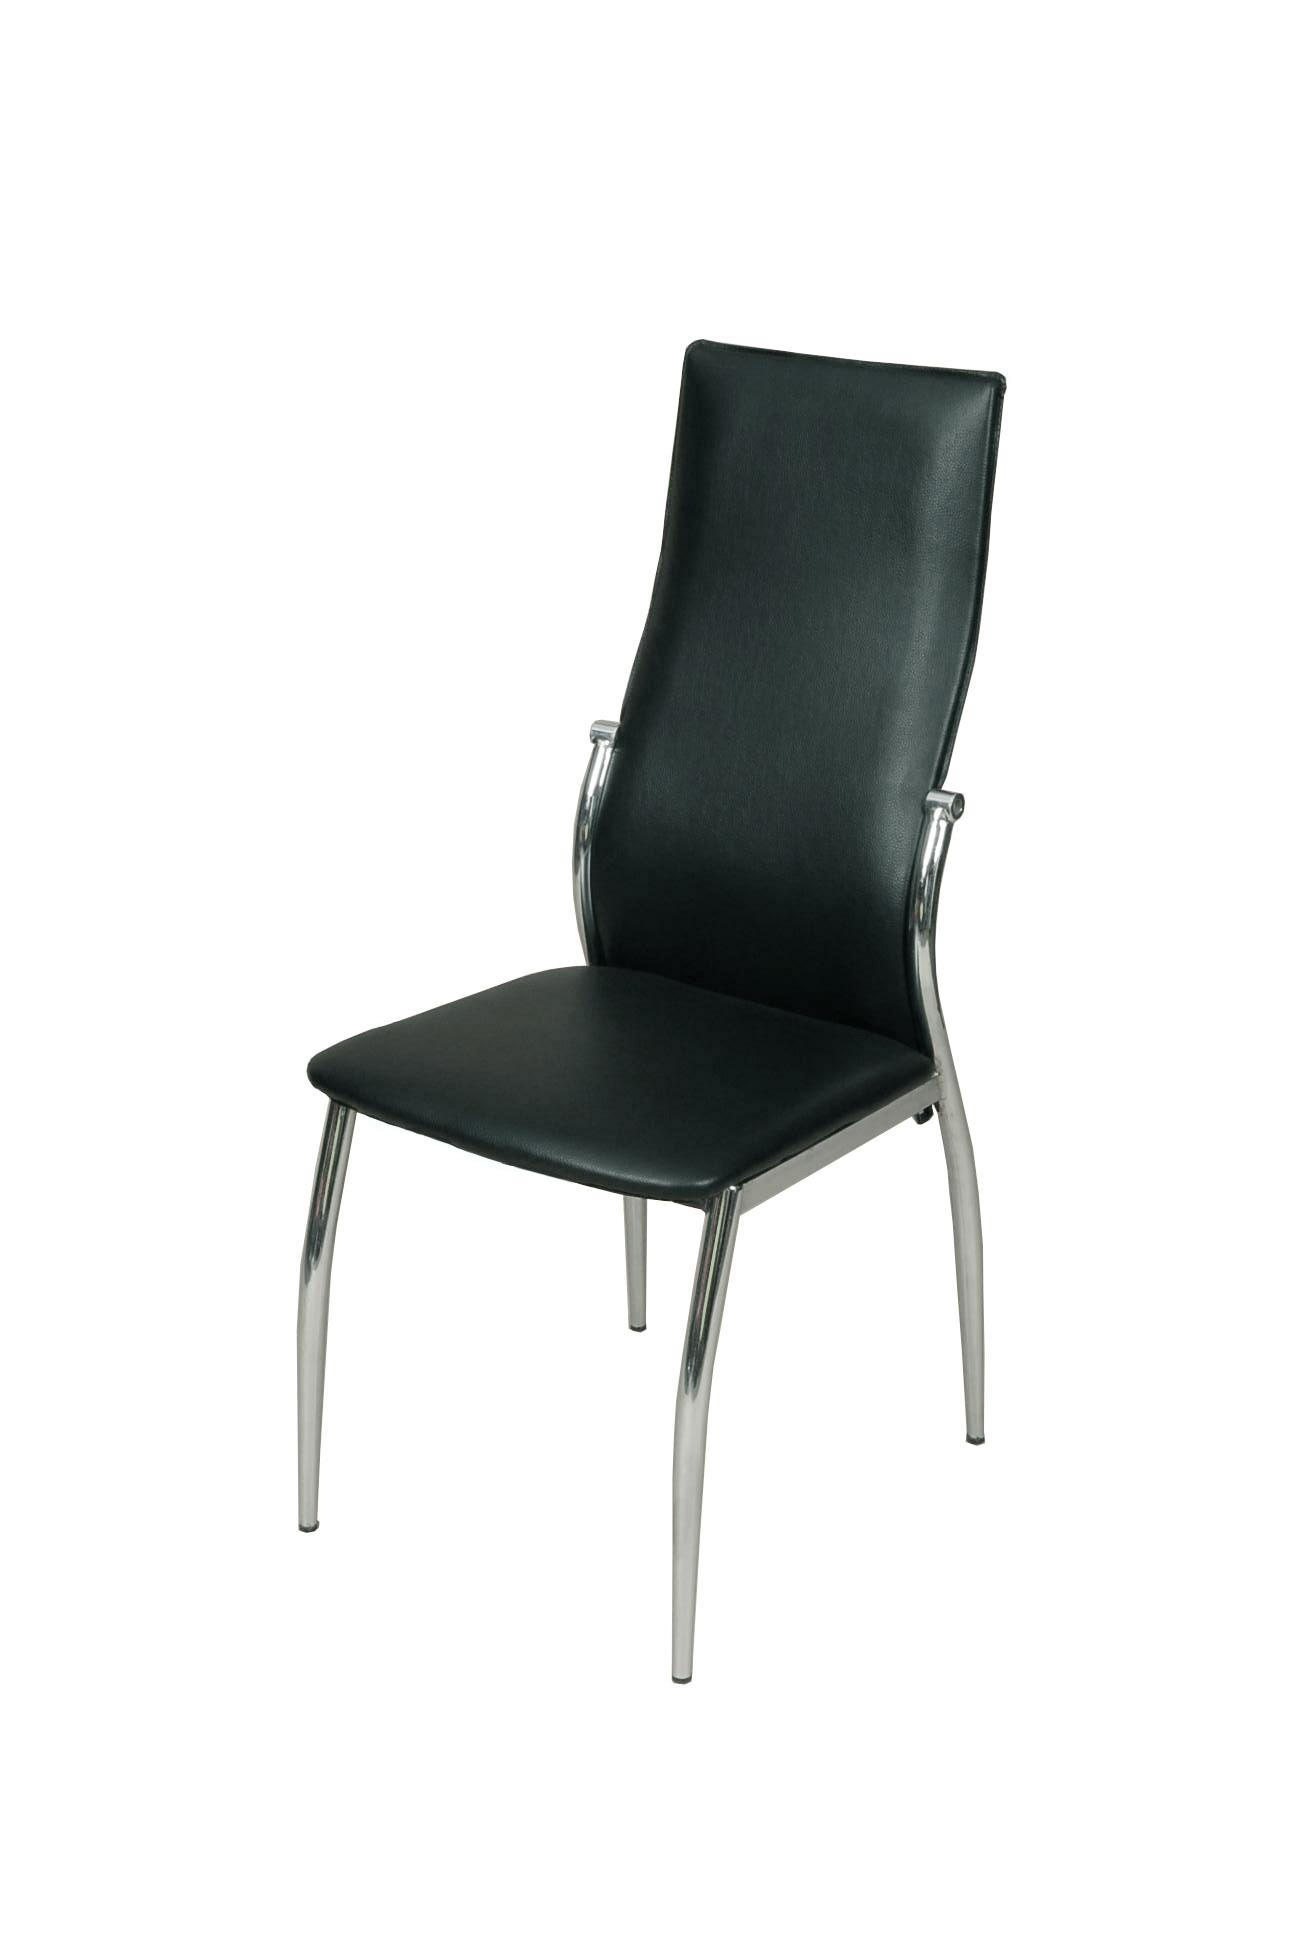 Furniture Gt Dining Room Furniture Gt Dinette Set Gt Chrome